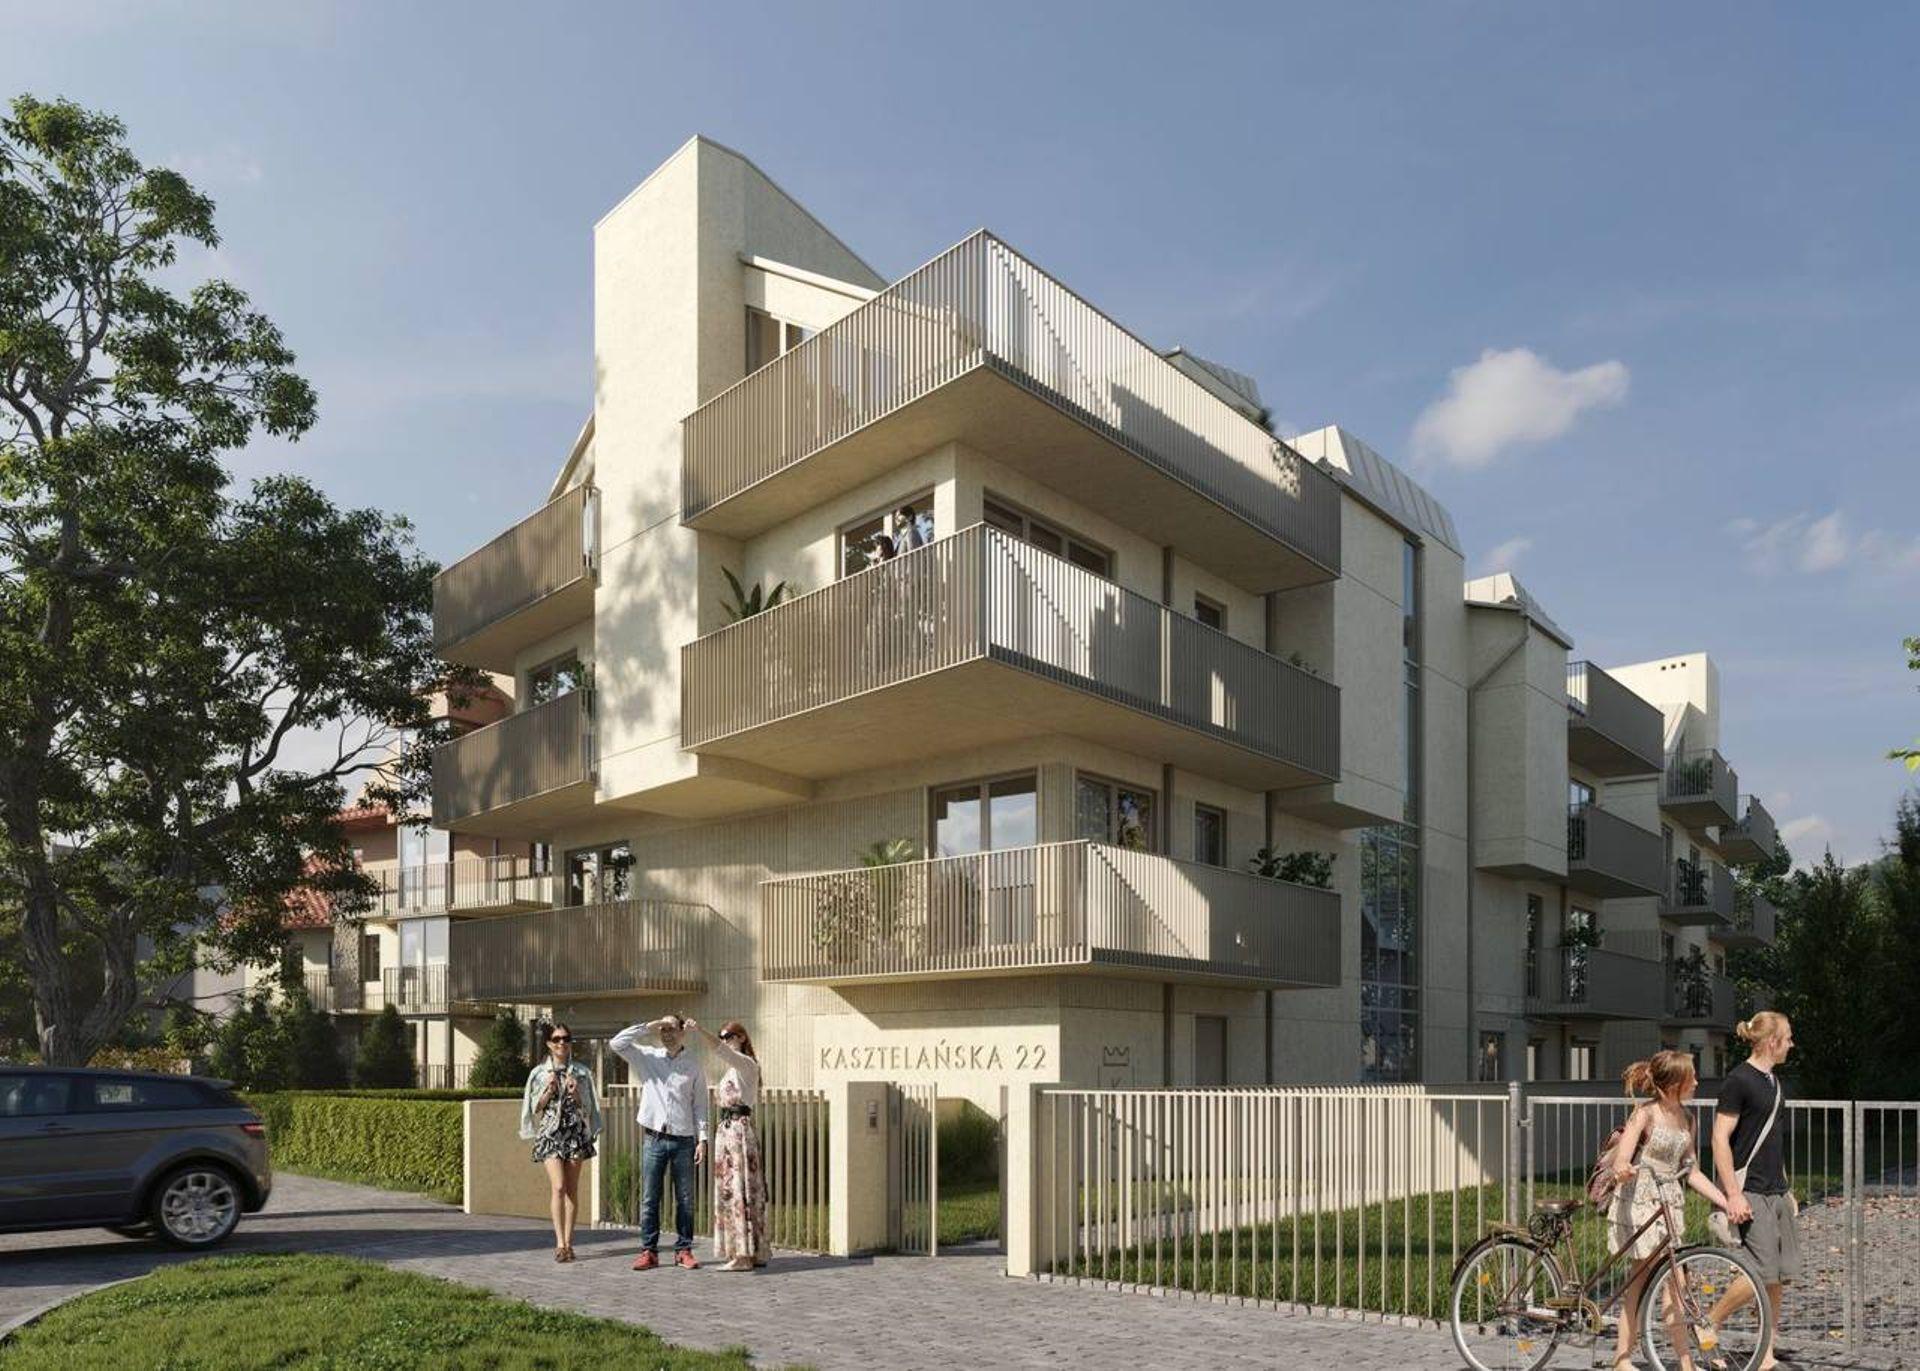 Kraków: Kasztelańska 22 – Urba postawi apartamentowiec na Salwatorze